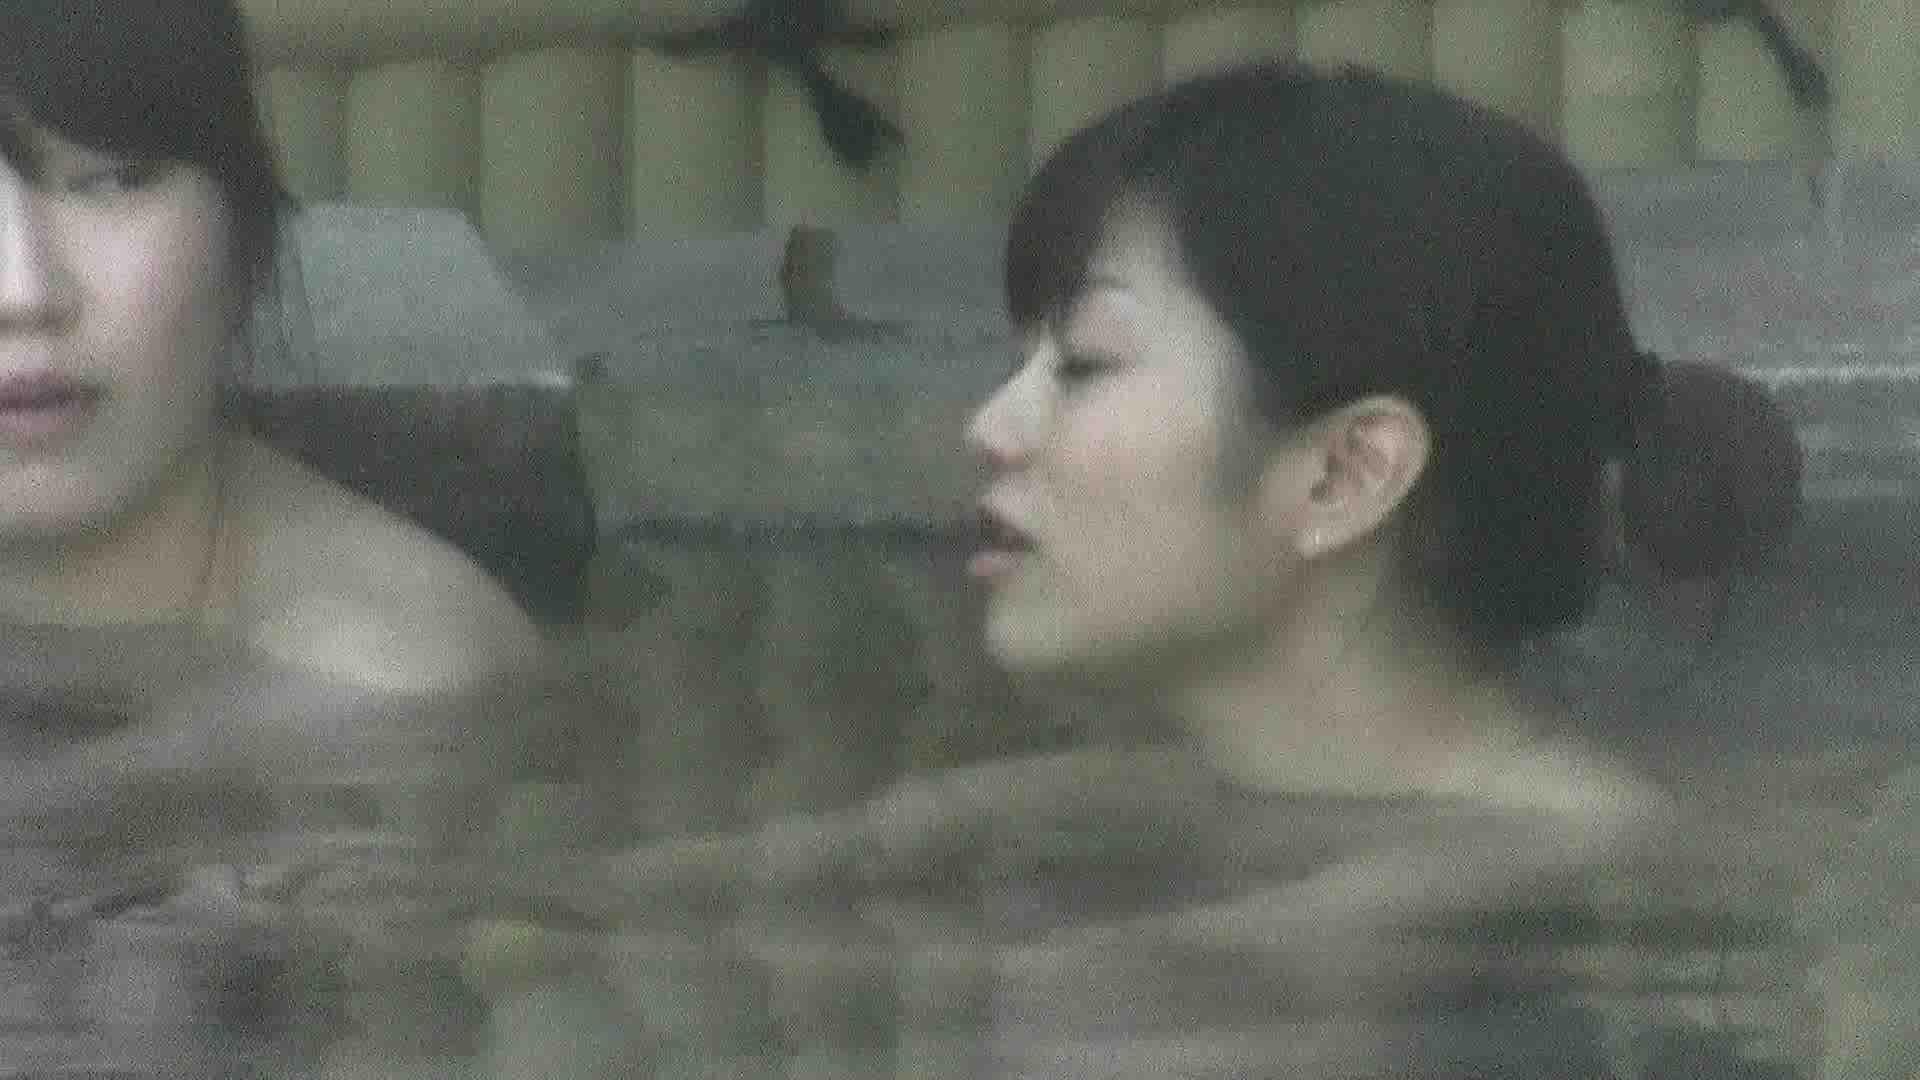 Aquaな露天風呂Vol.206 露天  42pic 12